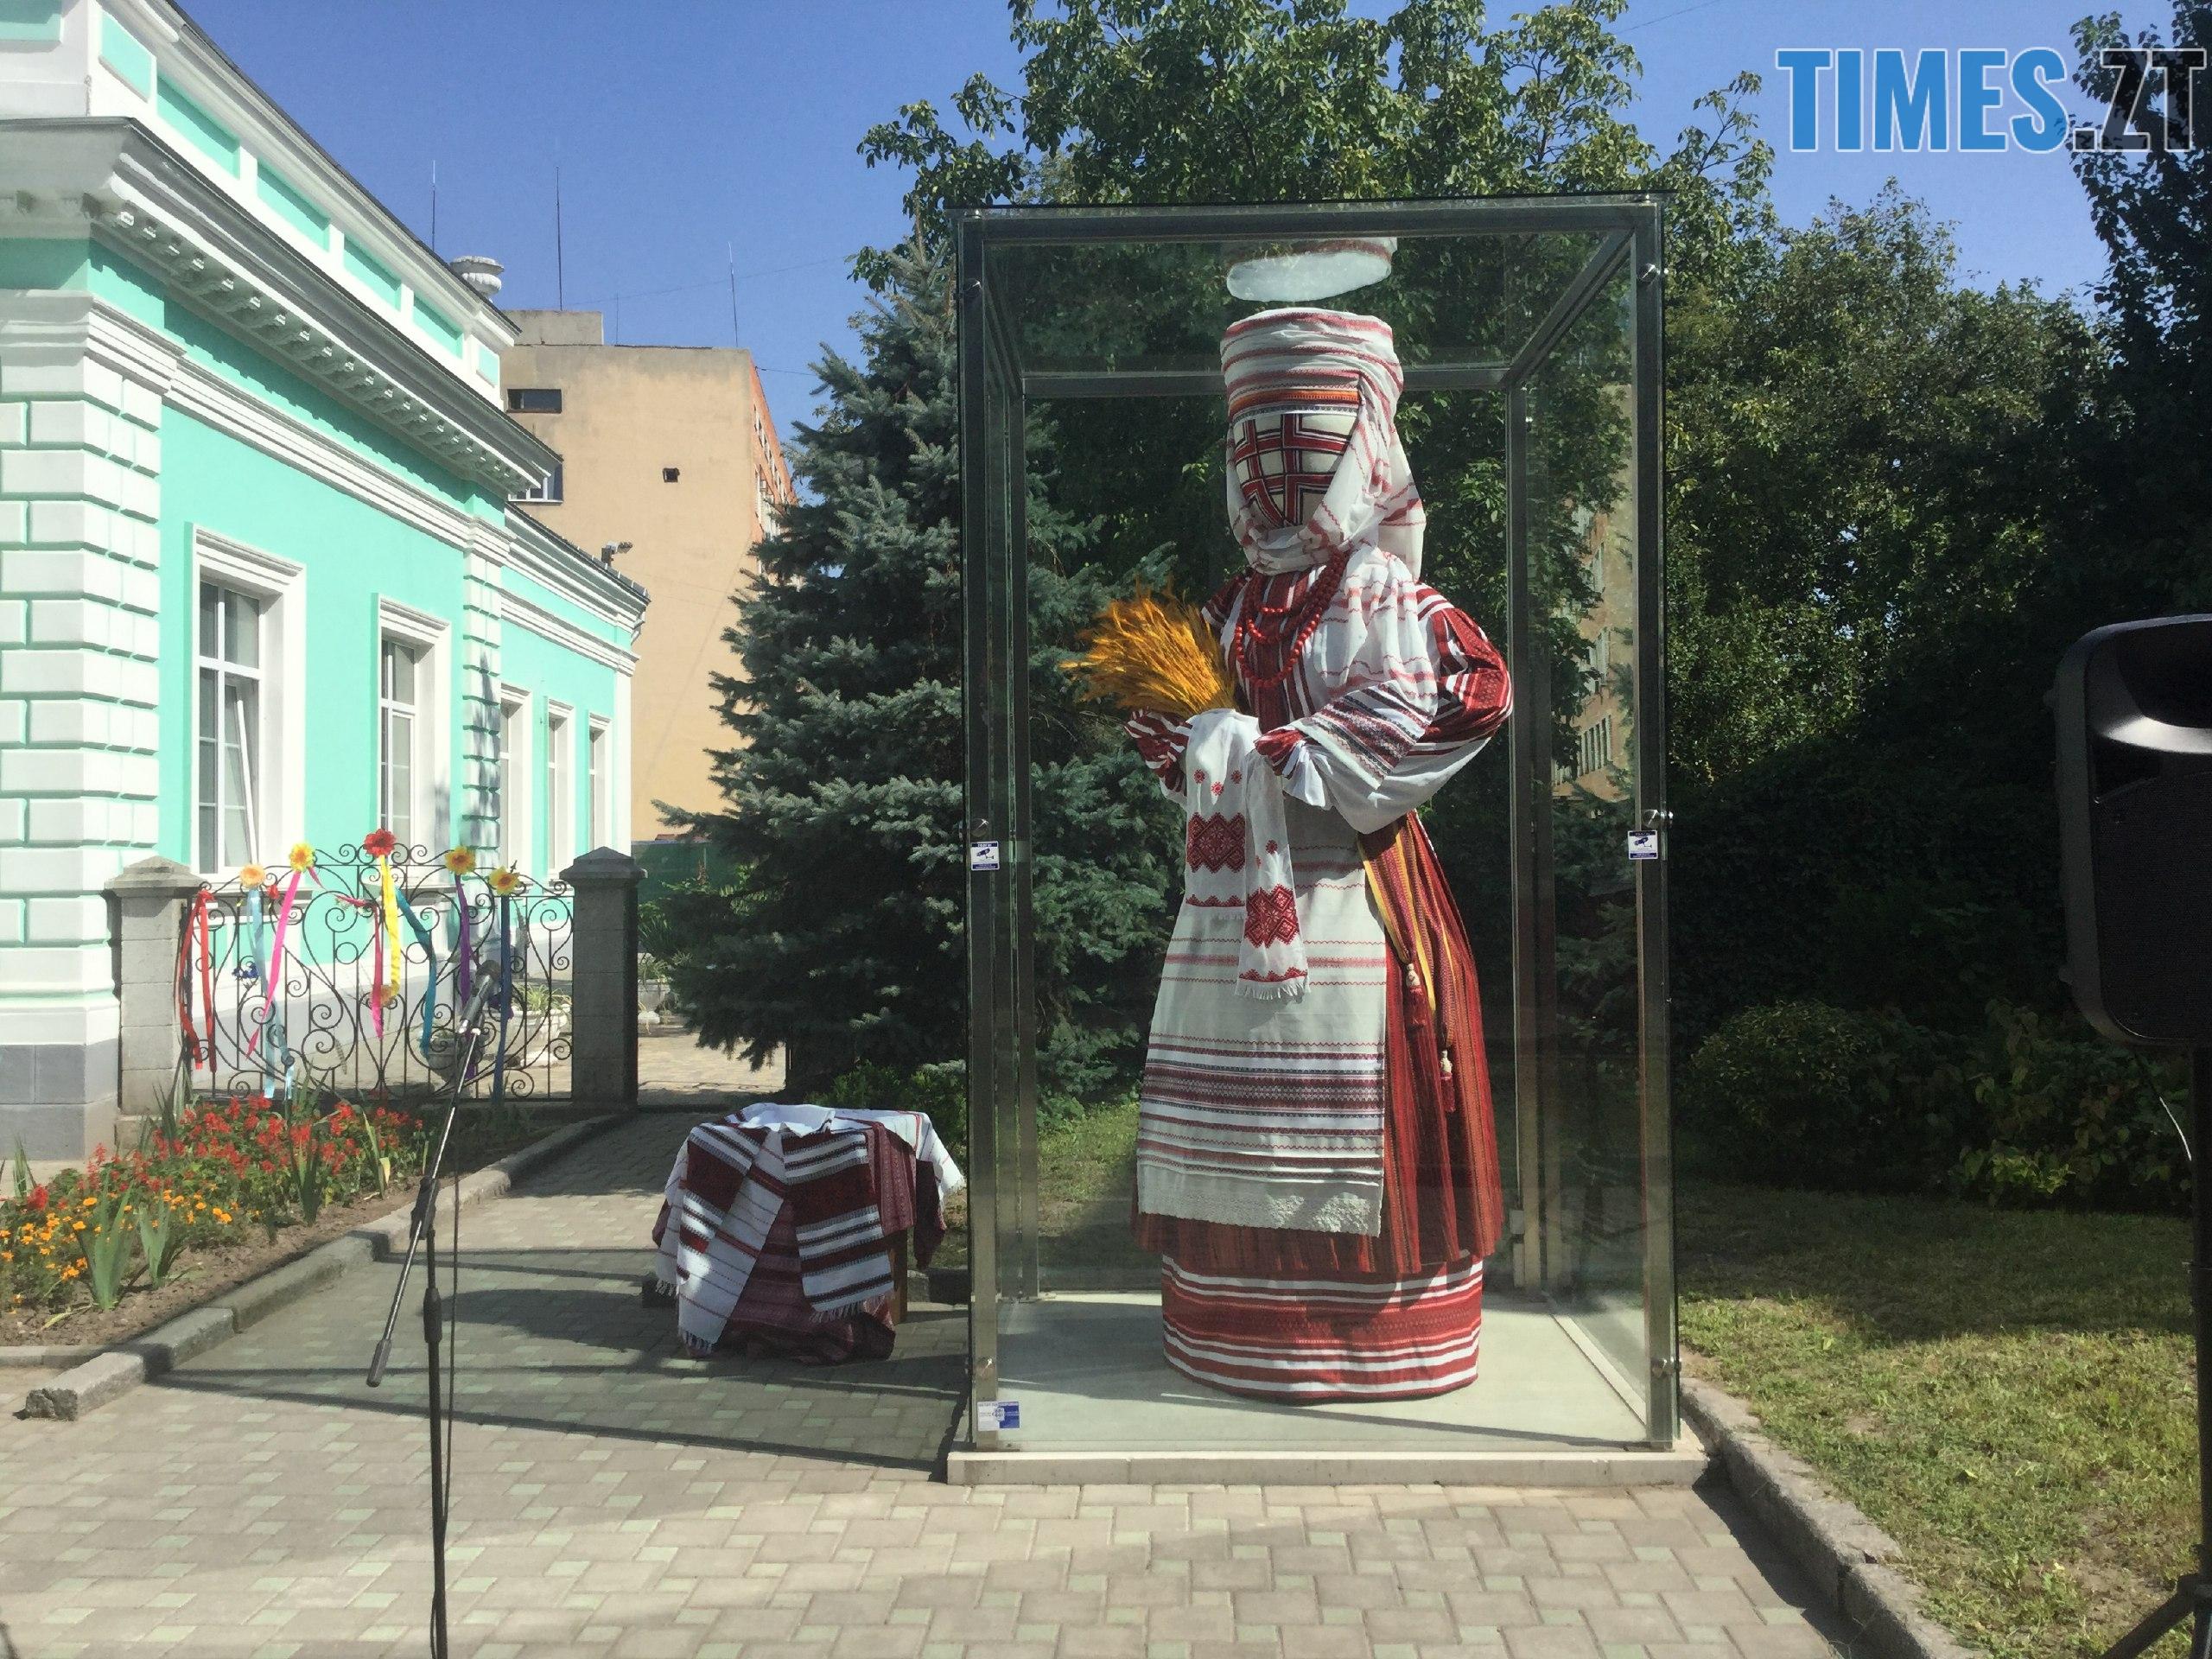 68ba174c 9405 4b15 8991 272fac2ec56b - До Дня незалежності у Житомирі «переодяглася» лялька-мотанка (ФОТО)